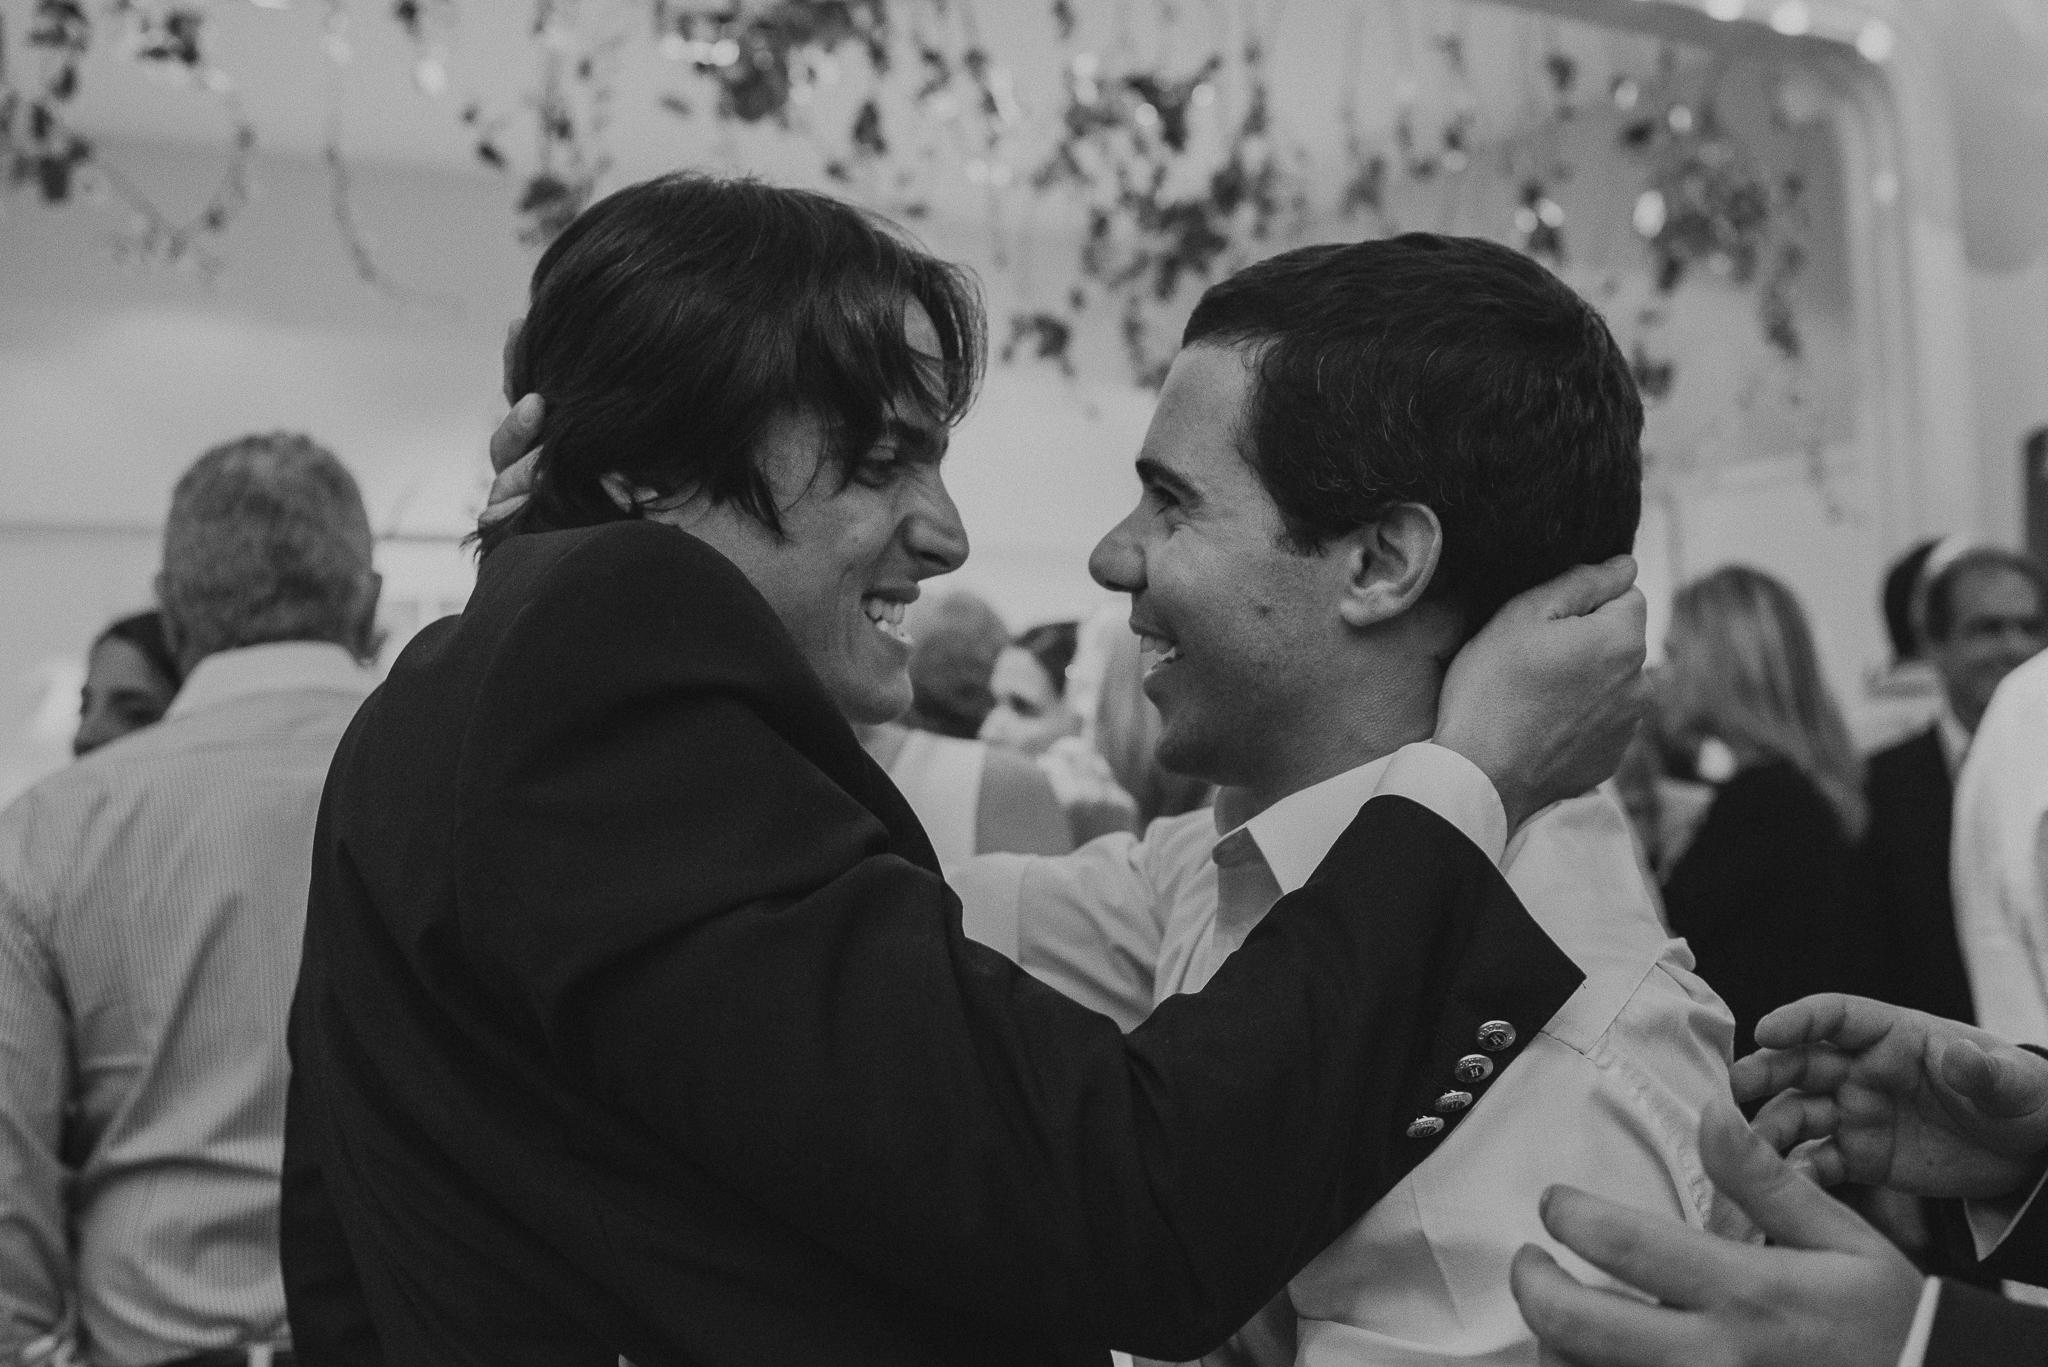 fotografo de bodas, punta del este, uruguay, mika alvarez - myn08